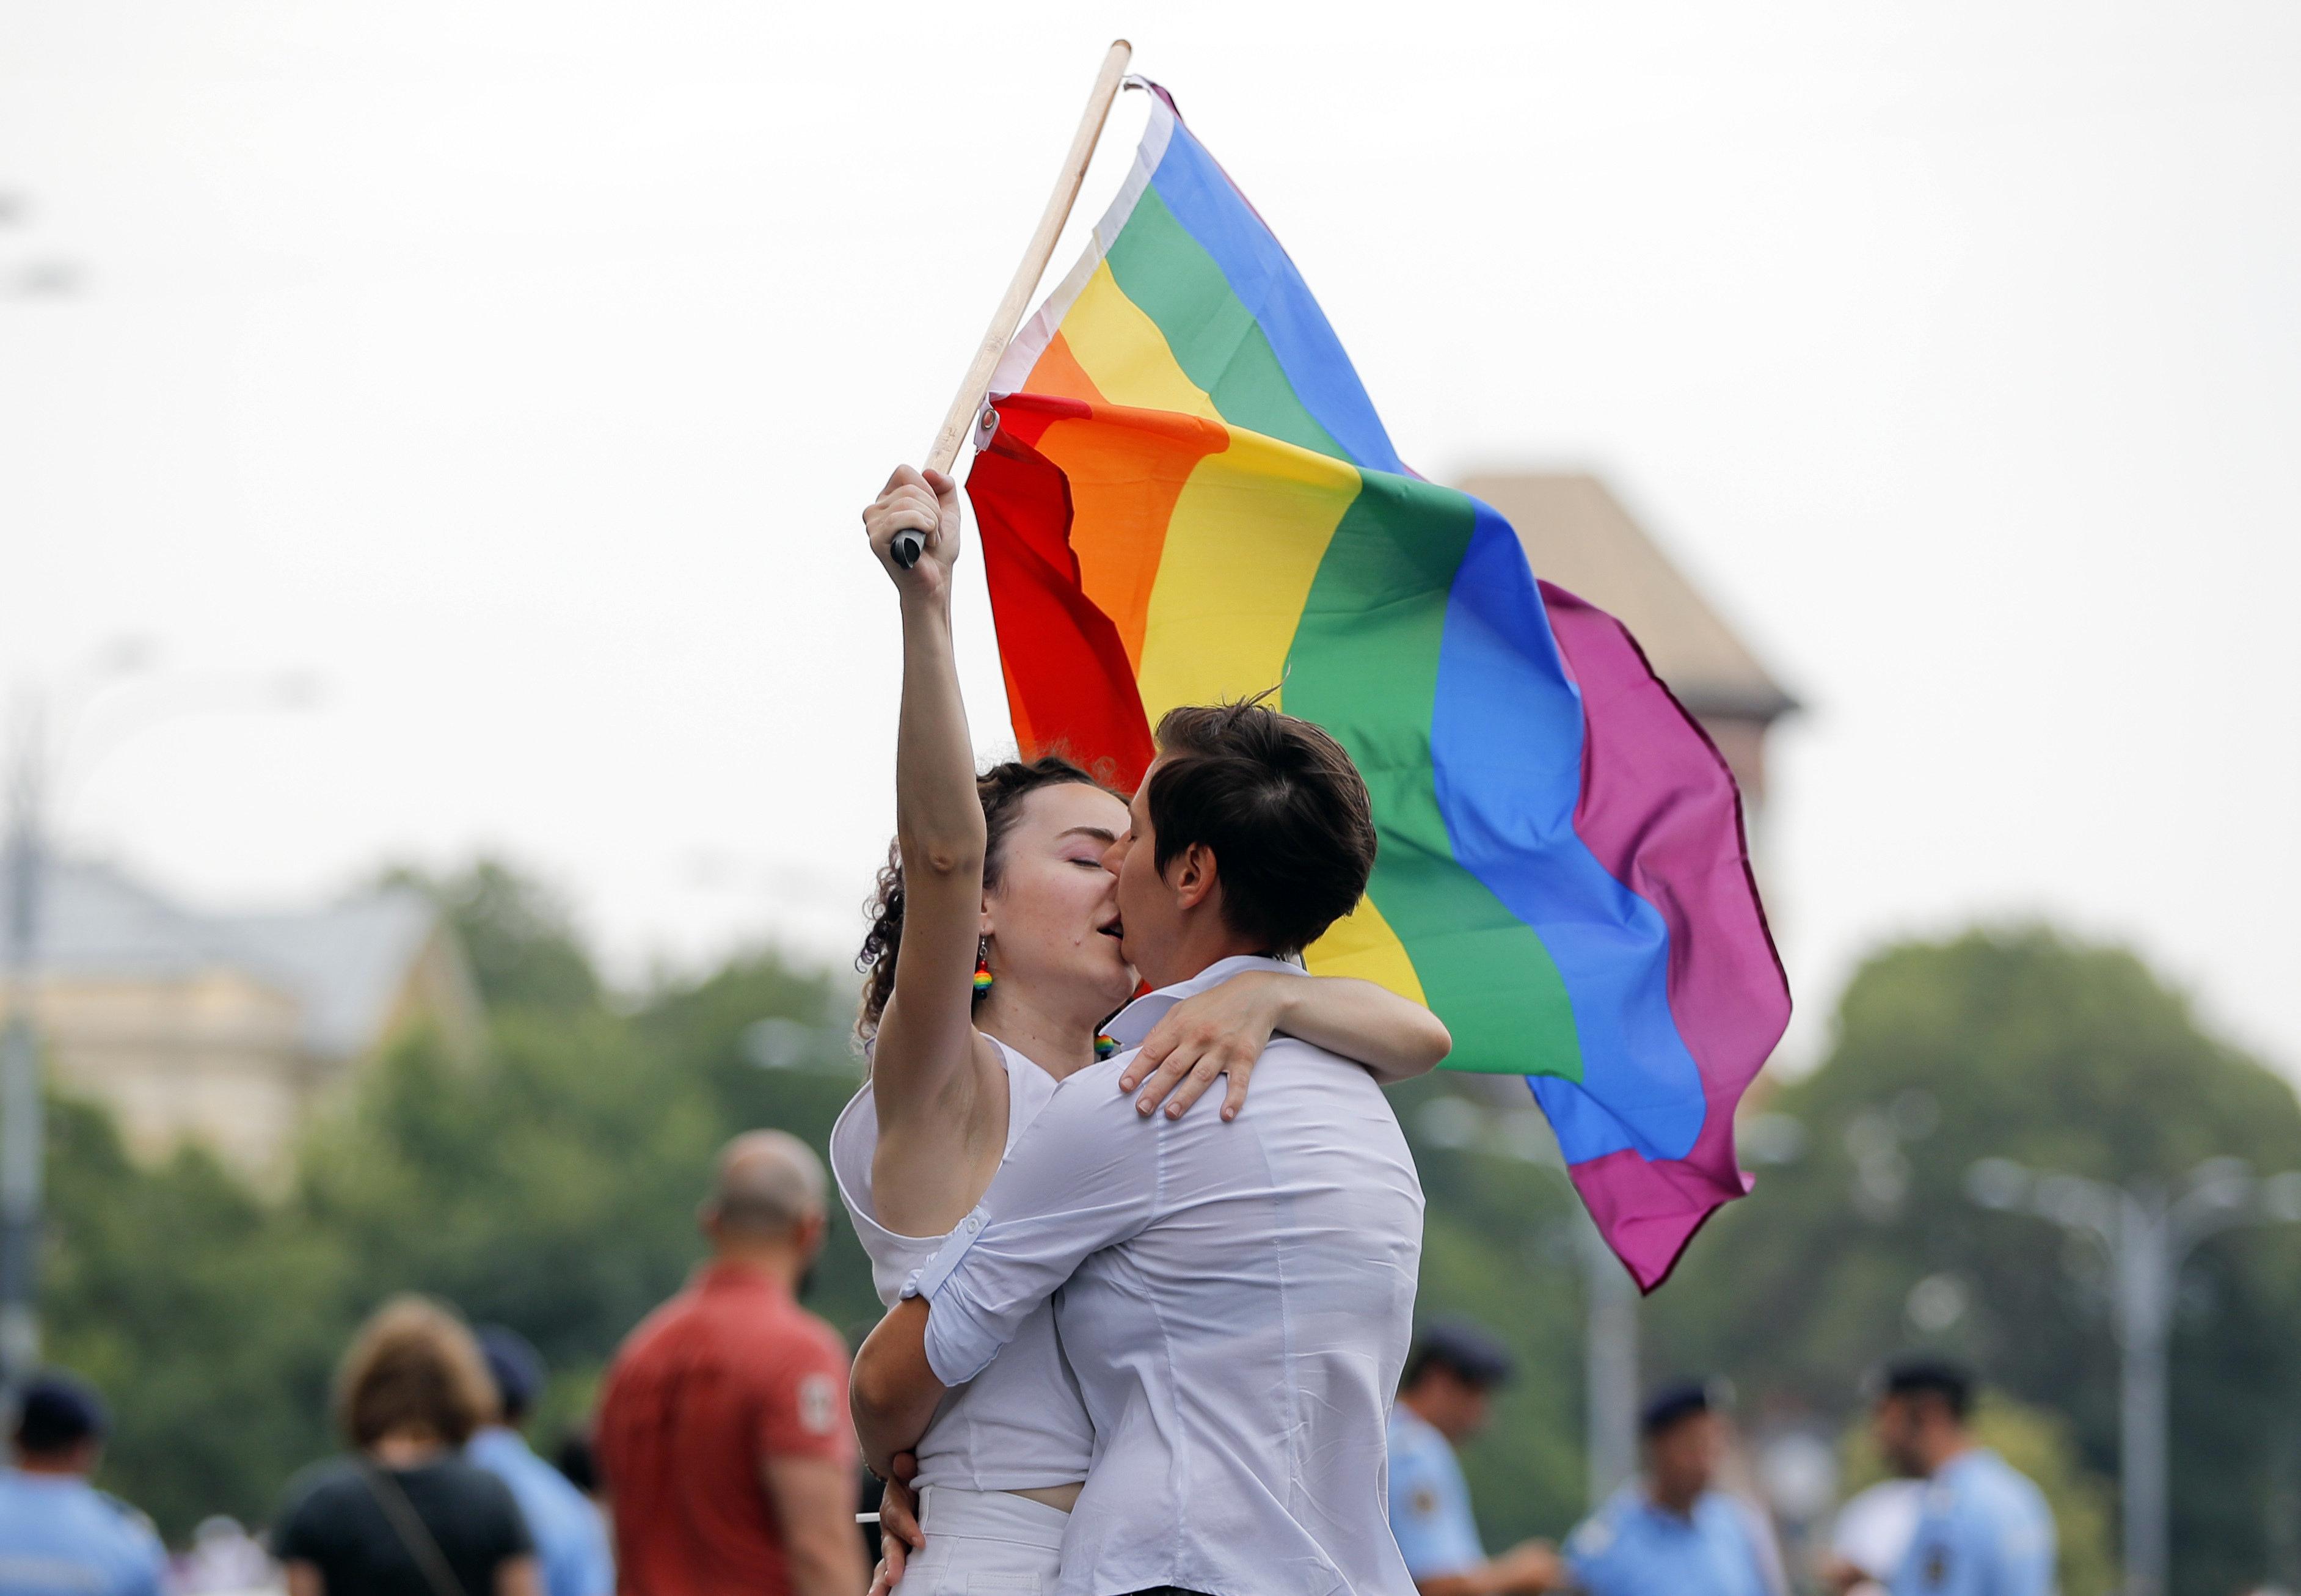 루마니아 부쿠레슈티에서 열린 프라이드 퍼레이드에서 두 여성이 레인보우 깃발을 손에 든 채 키스하고 있다. 2018년 6월9일.